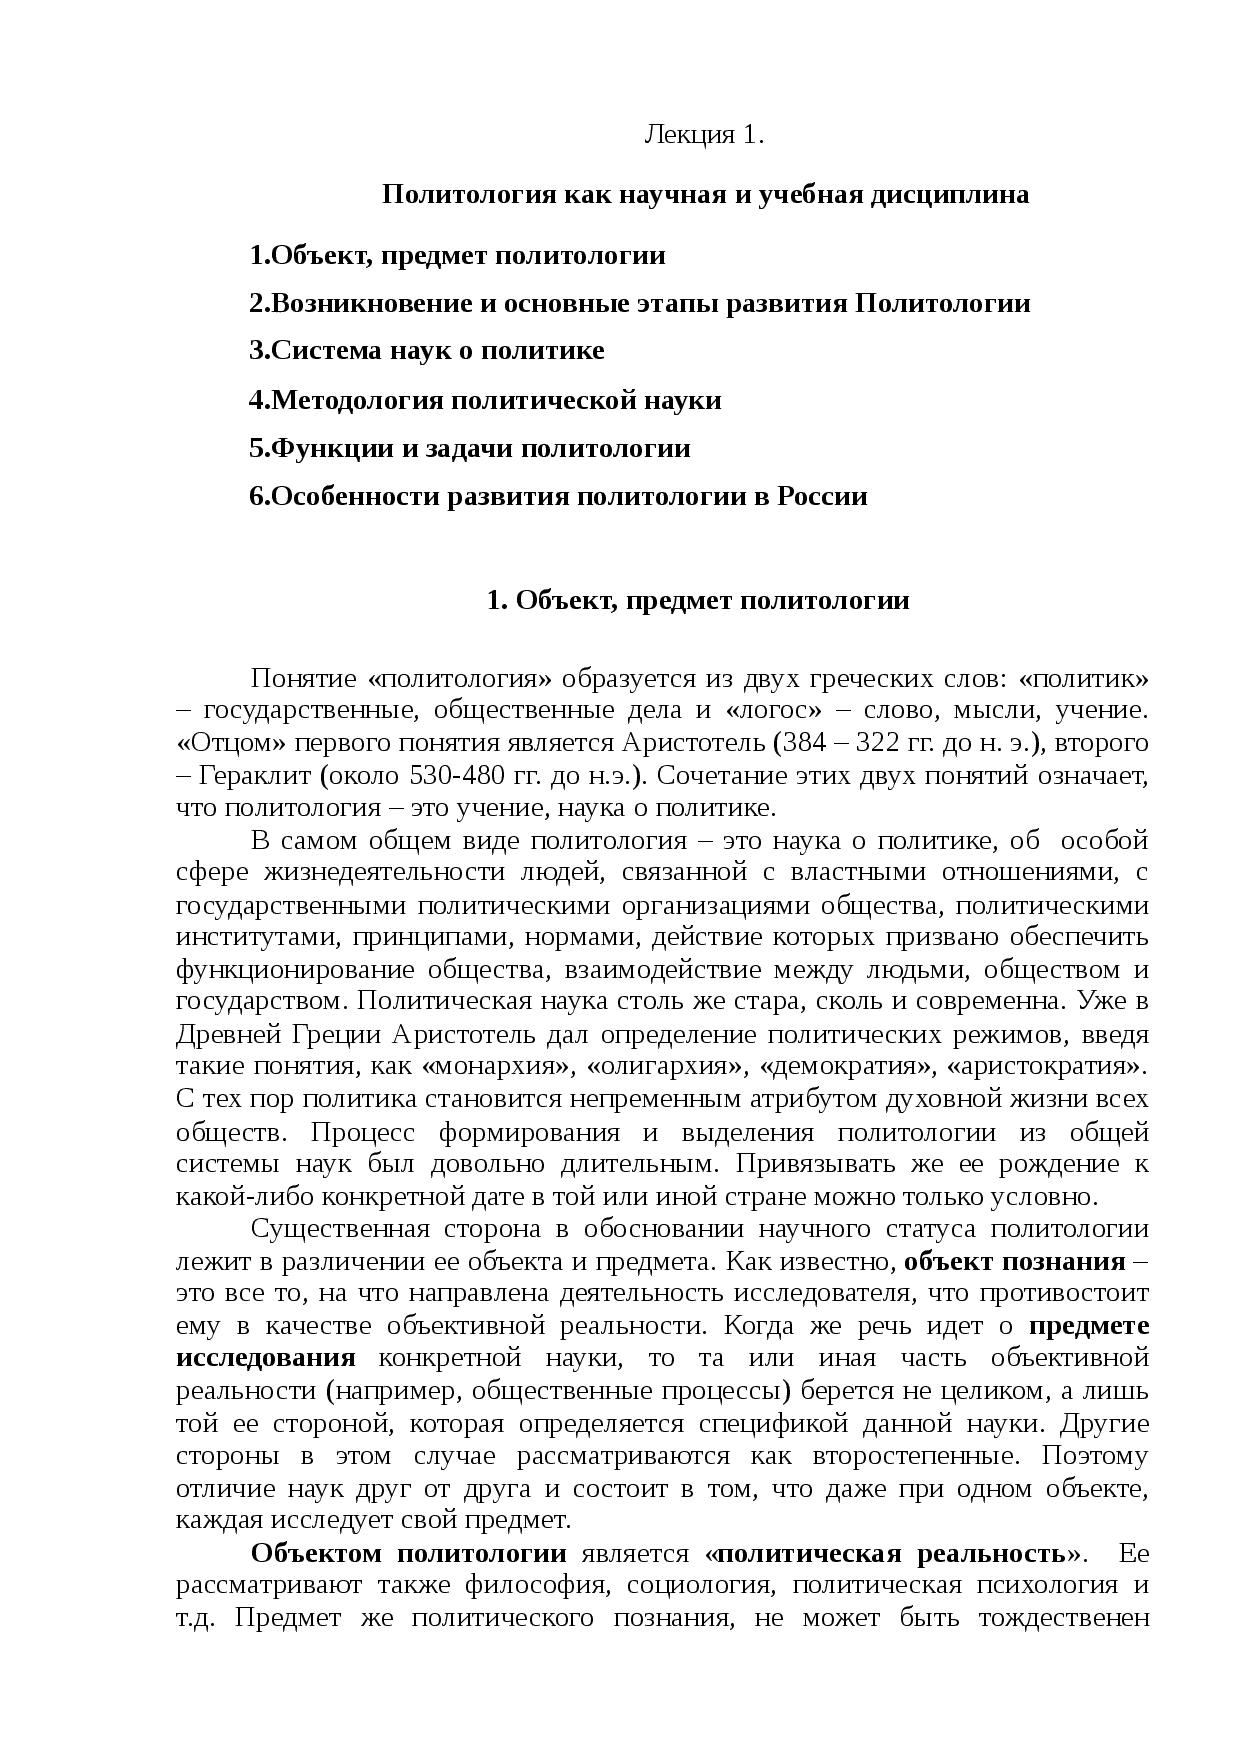 Индоктринация : definition of индоктринация and synonyms of индоктринация (russian)